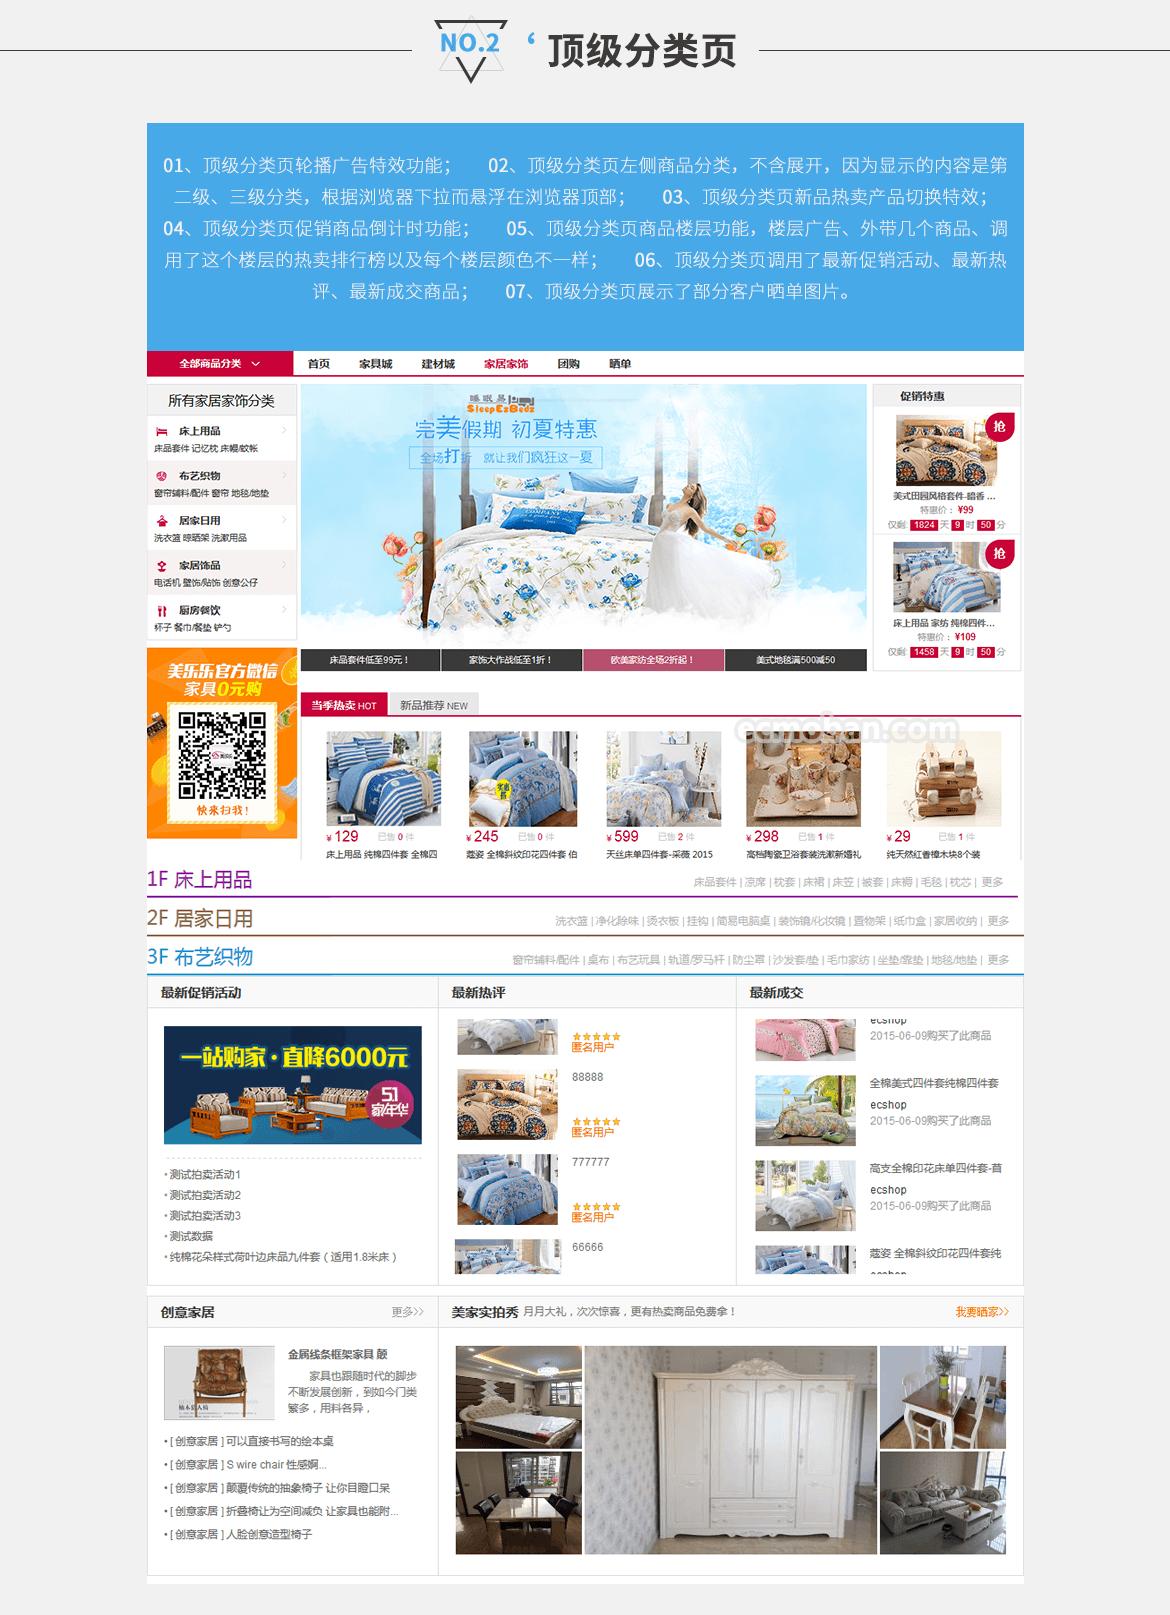 美乐乐2015模板_04.png